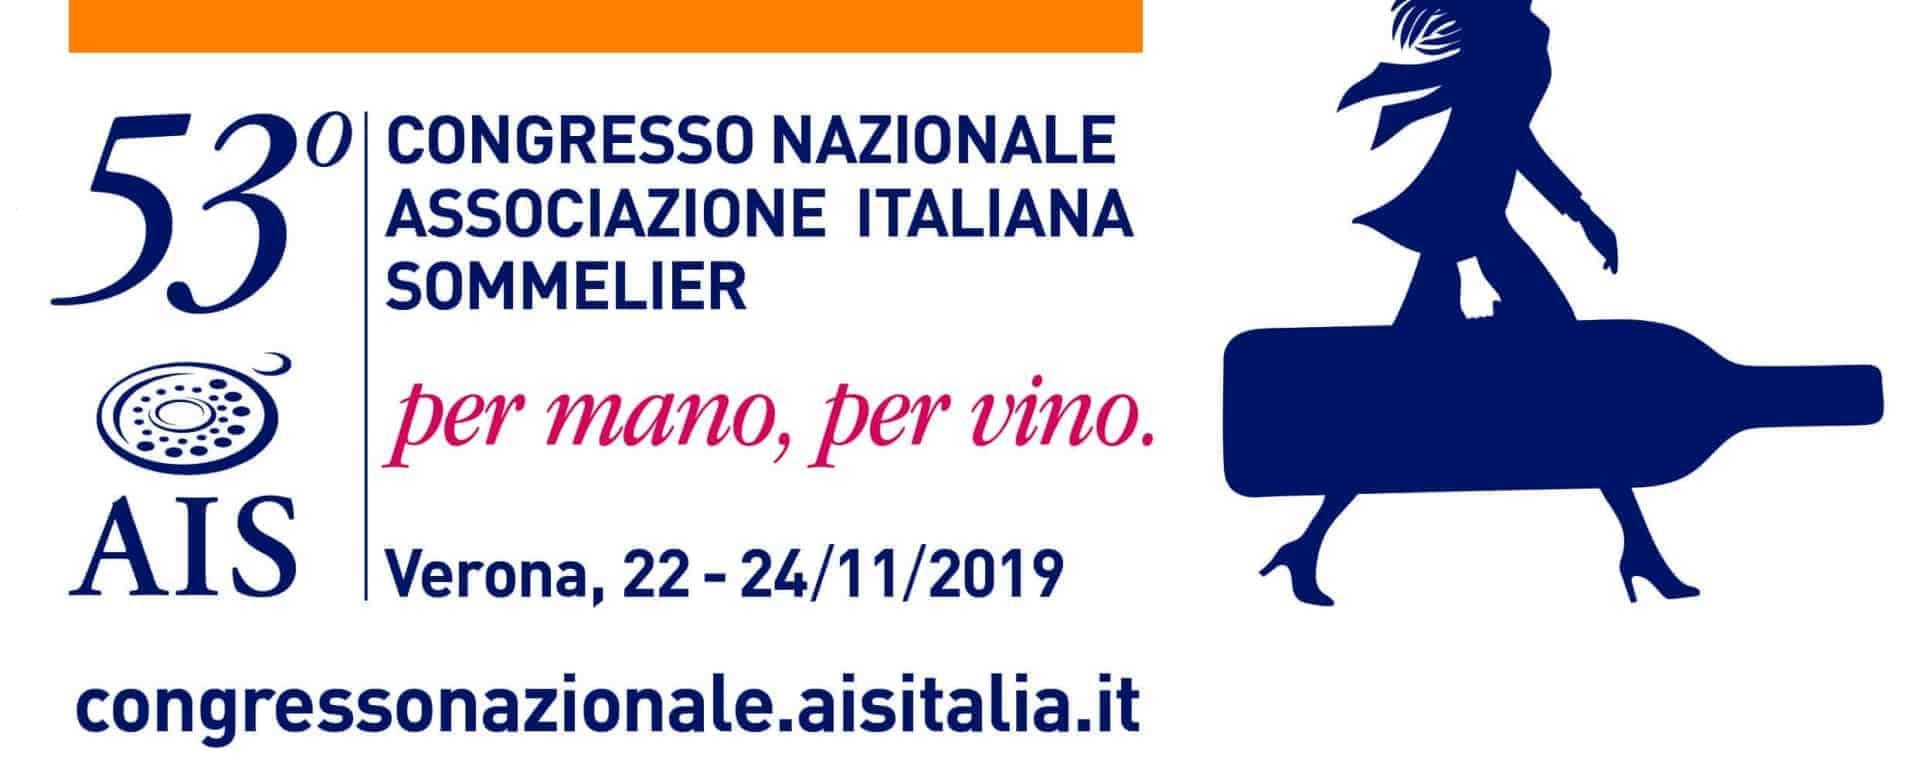 Congresso AIS Verona